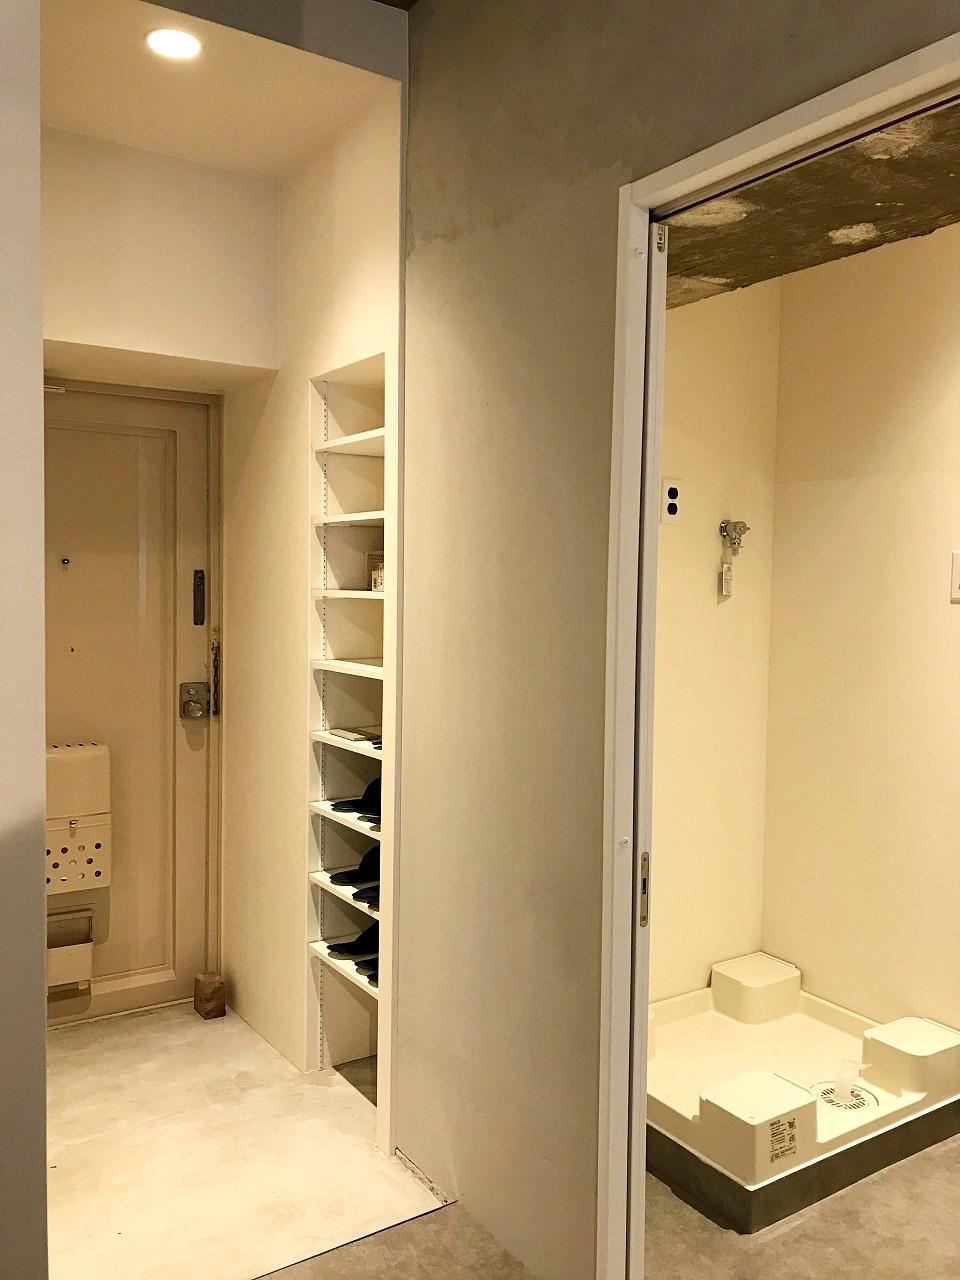 本来の玄関脇に浴室